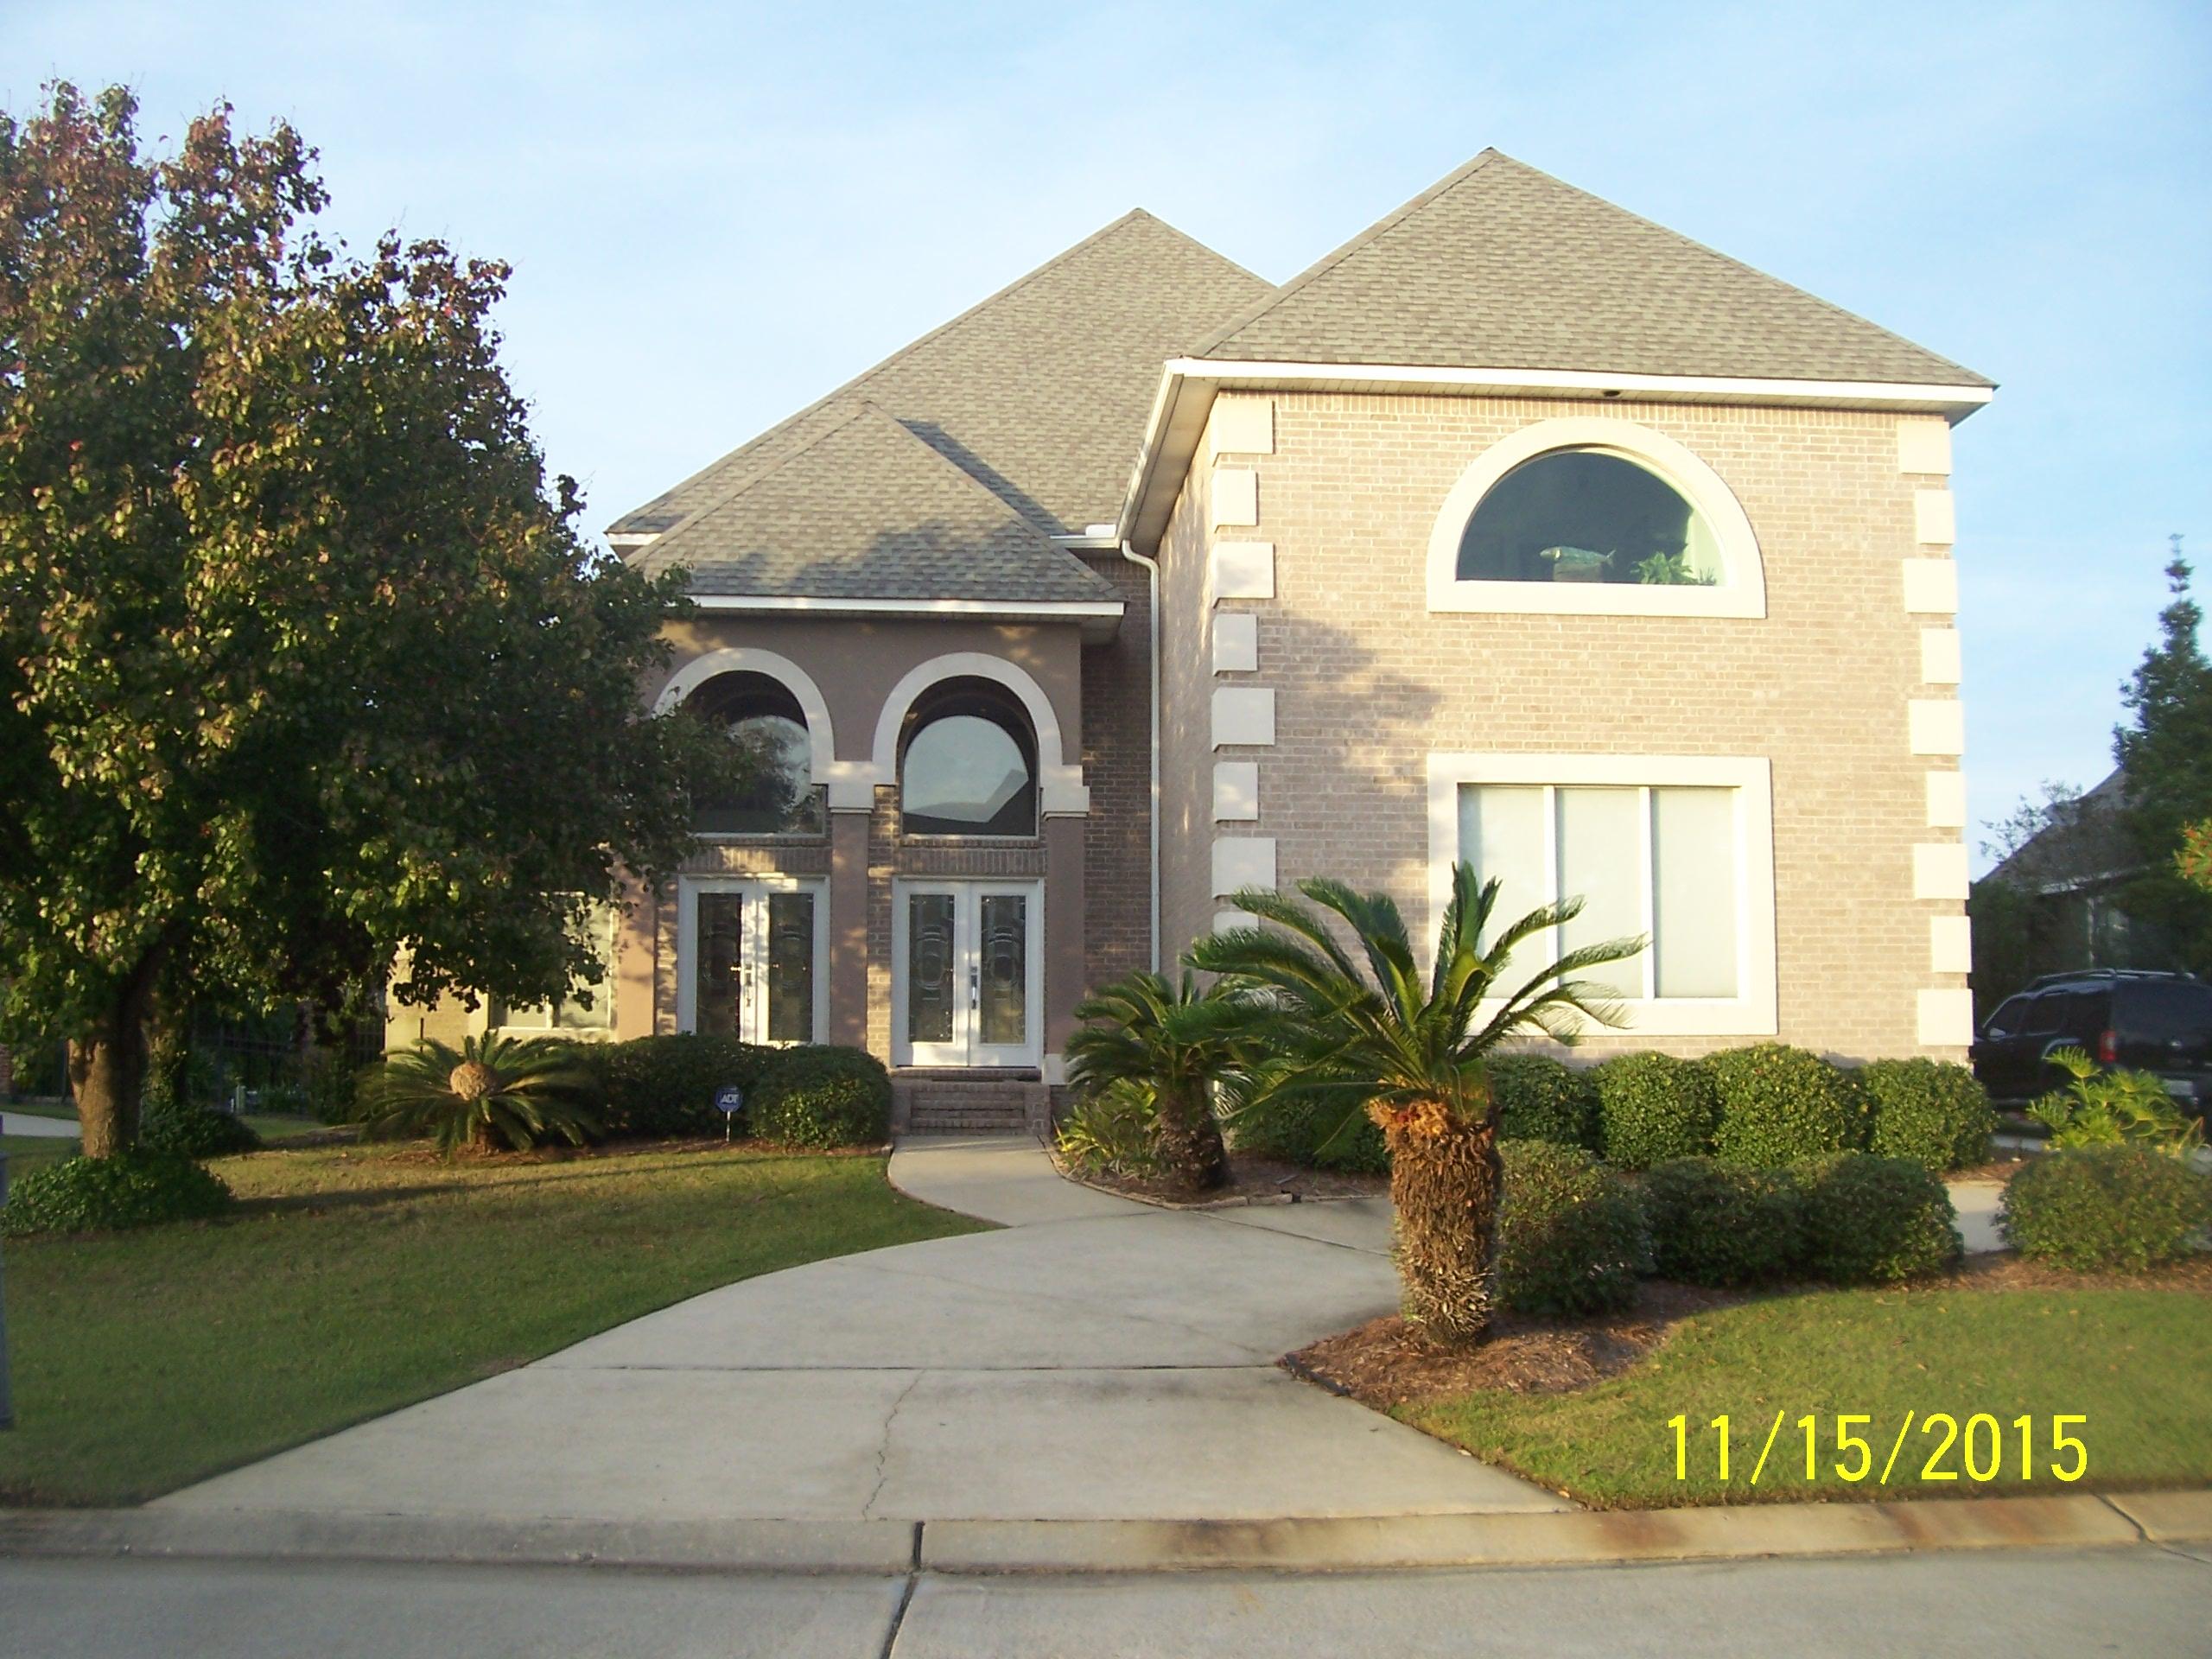 3 HARBOR COVE, Slidell, Louisiana 70458